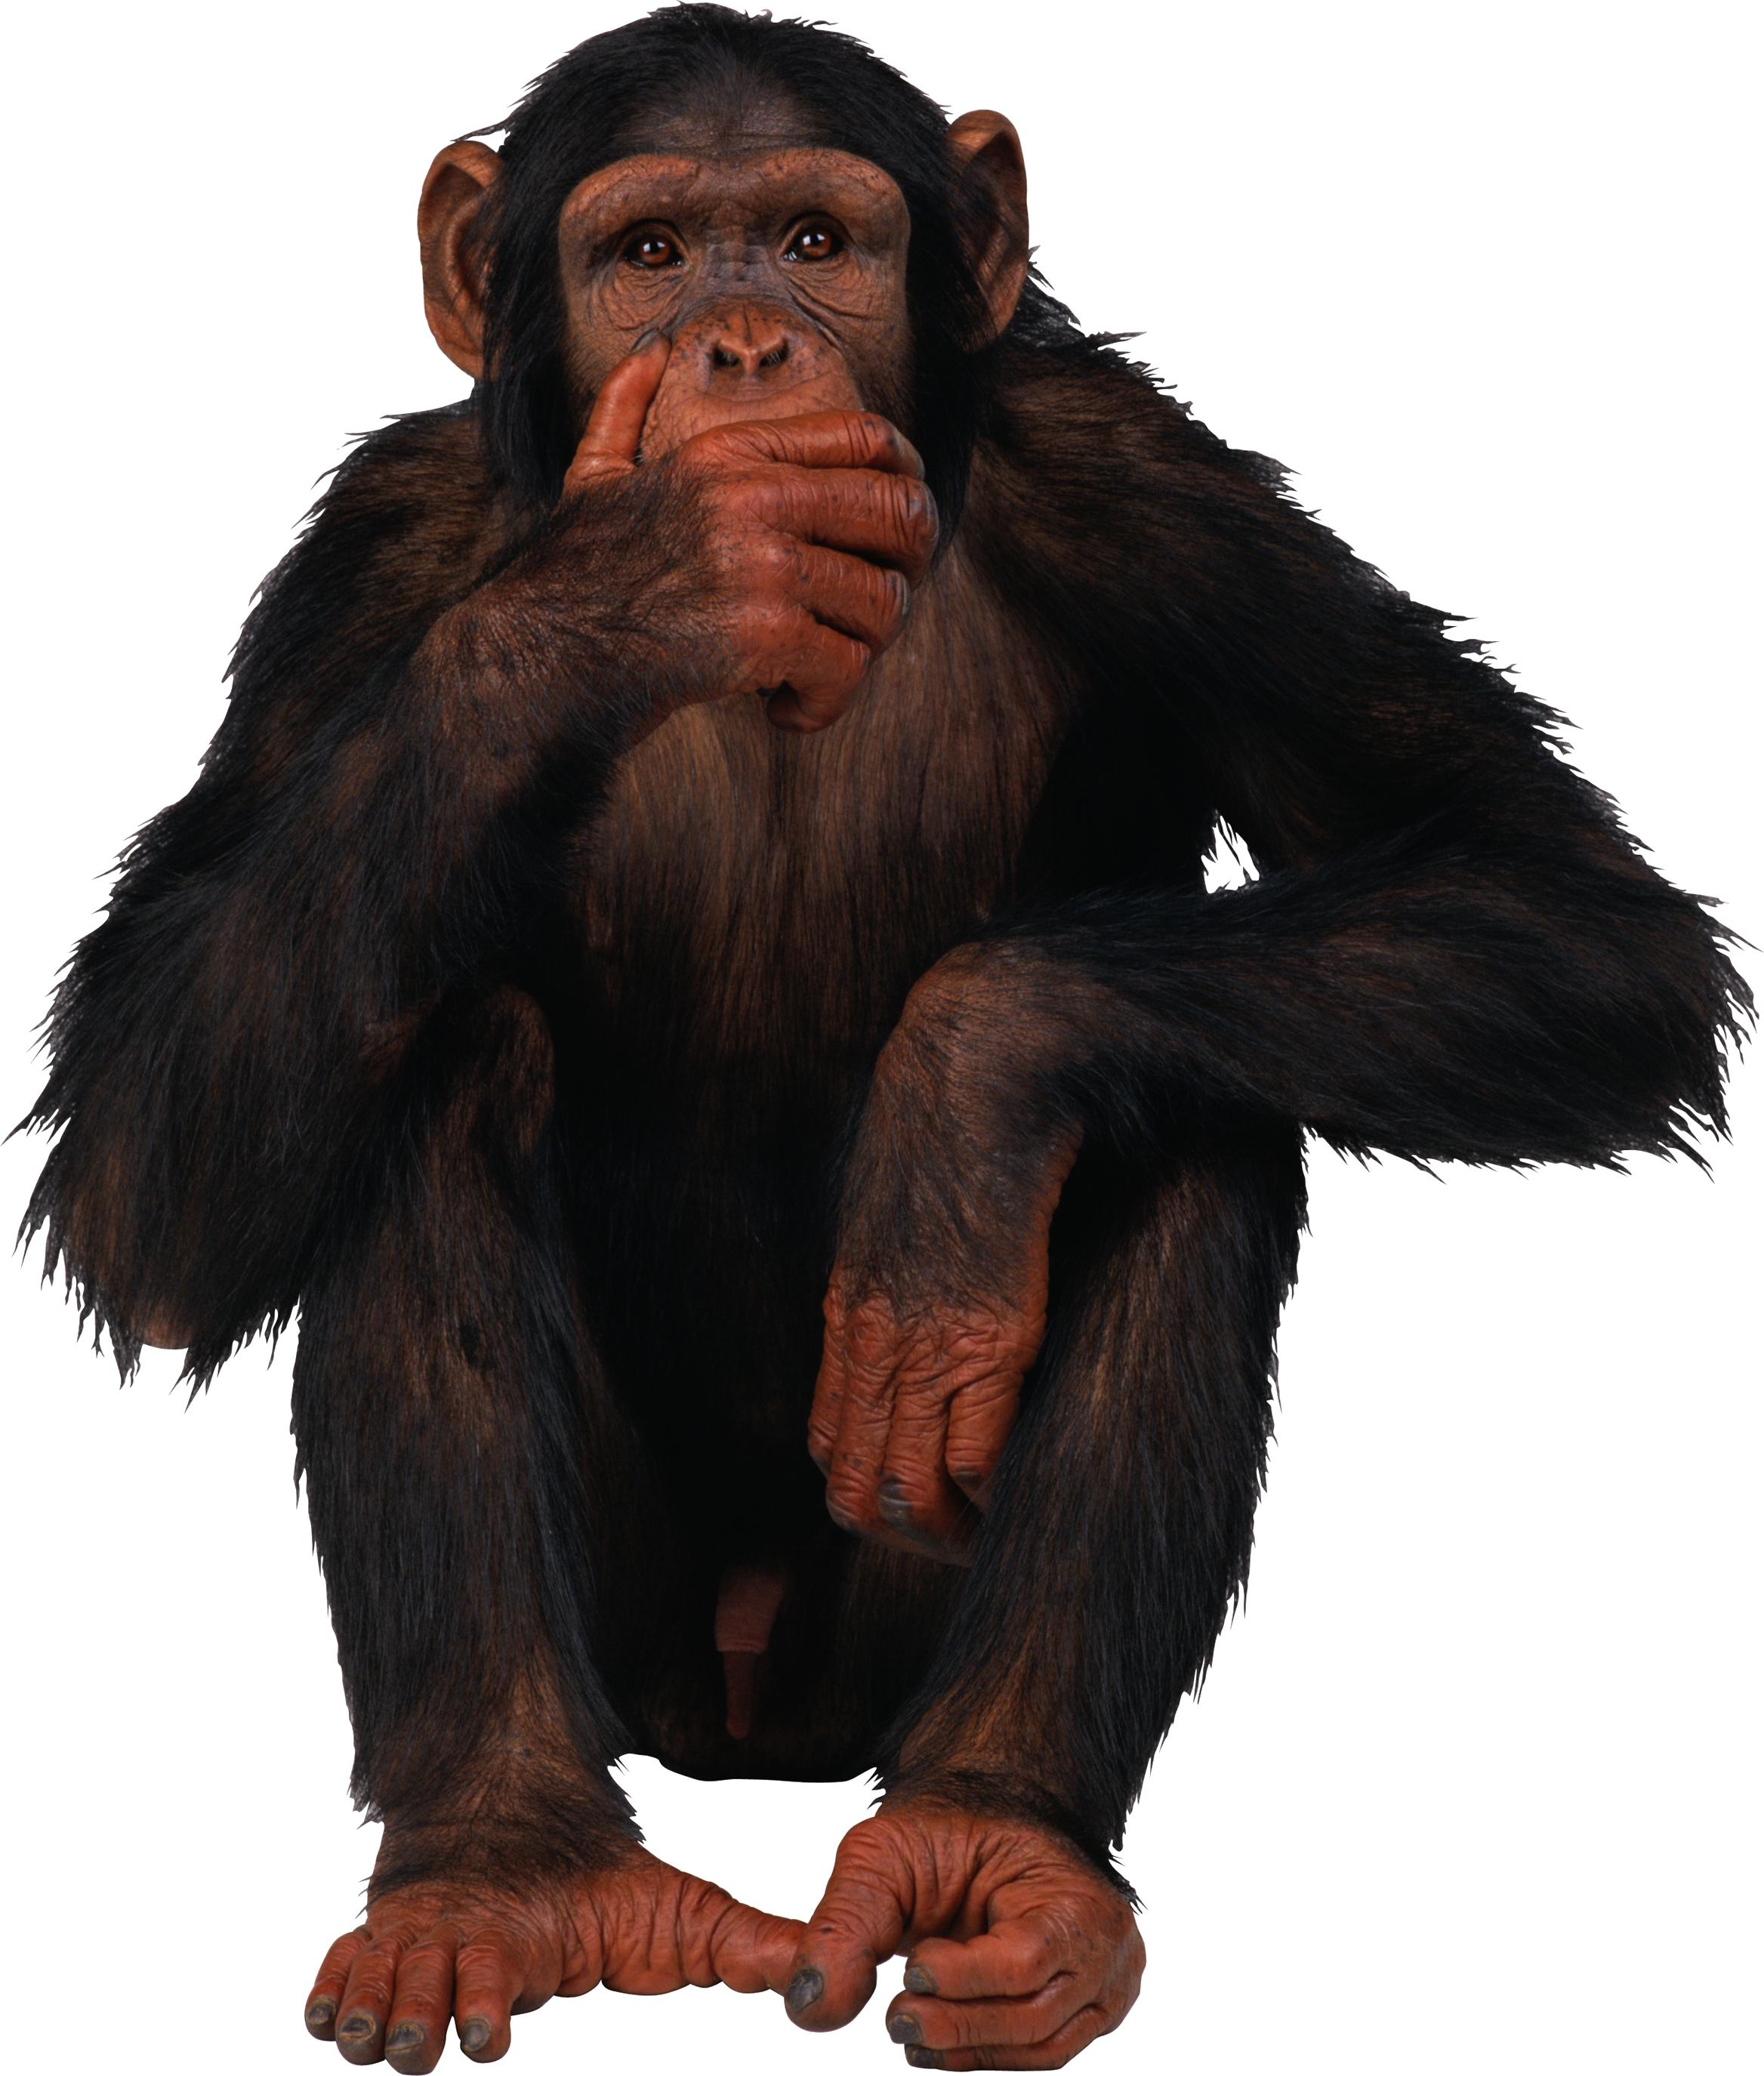 Monkey PNG HD  - 121653